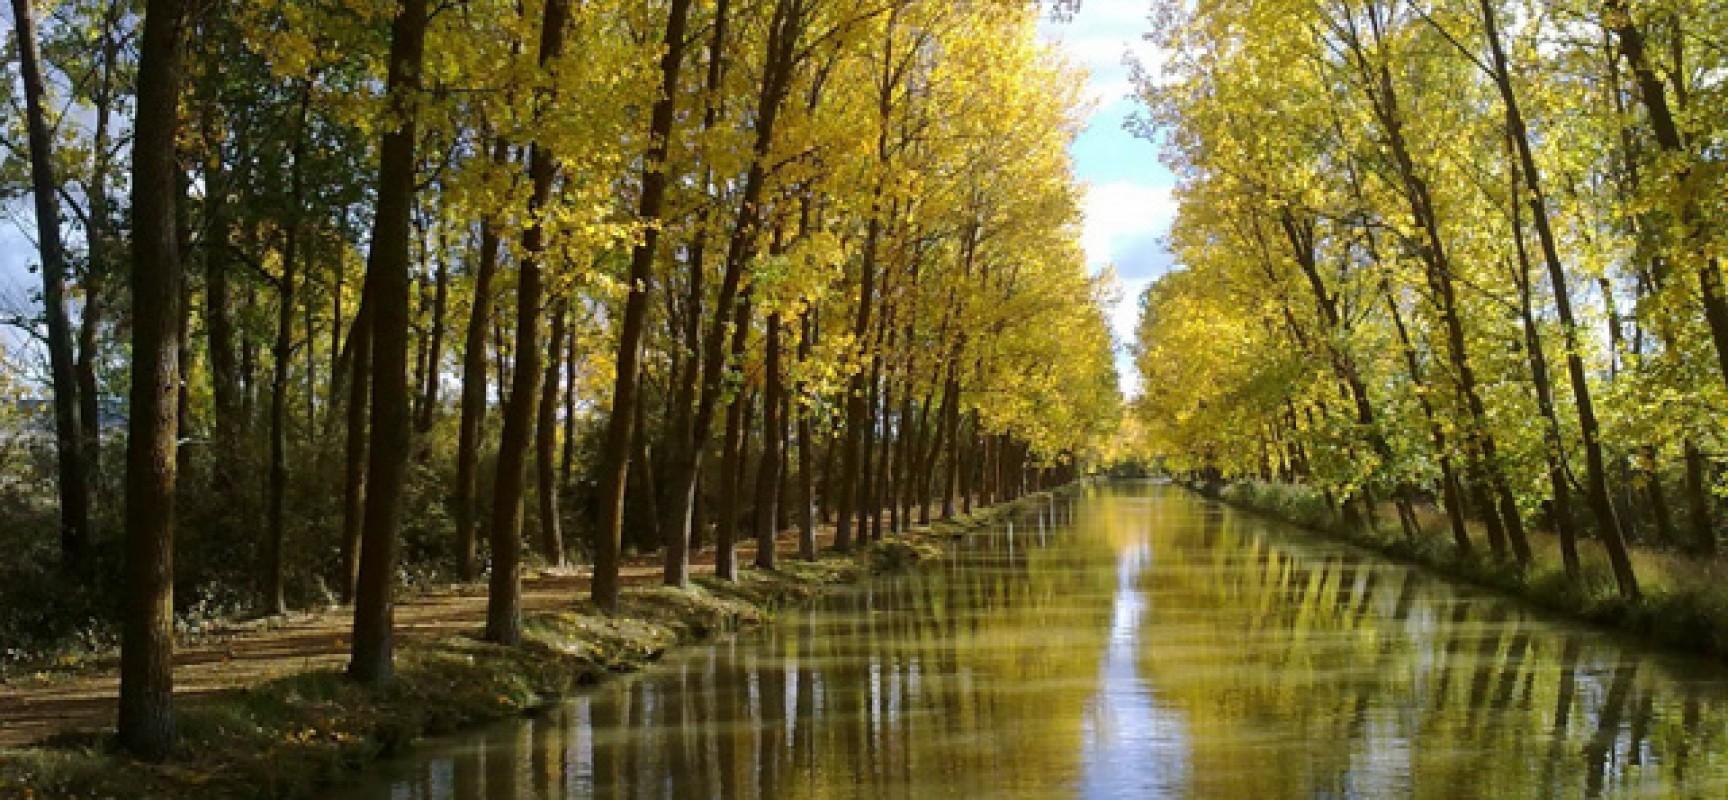 Ruta por el canal de castilla de valladolid a palencia for Oficina turismo castilla y leon